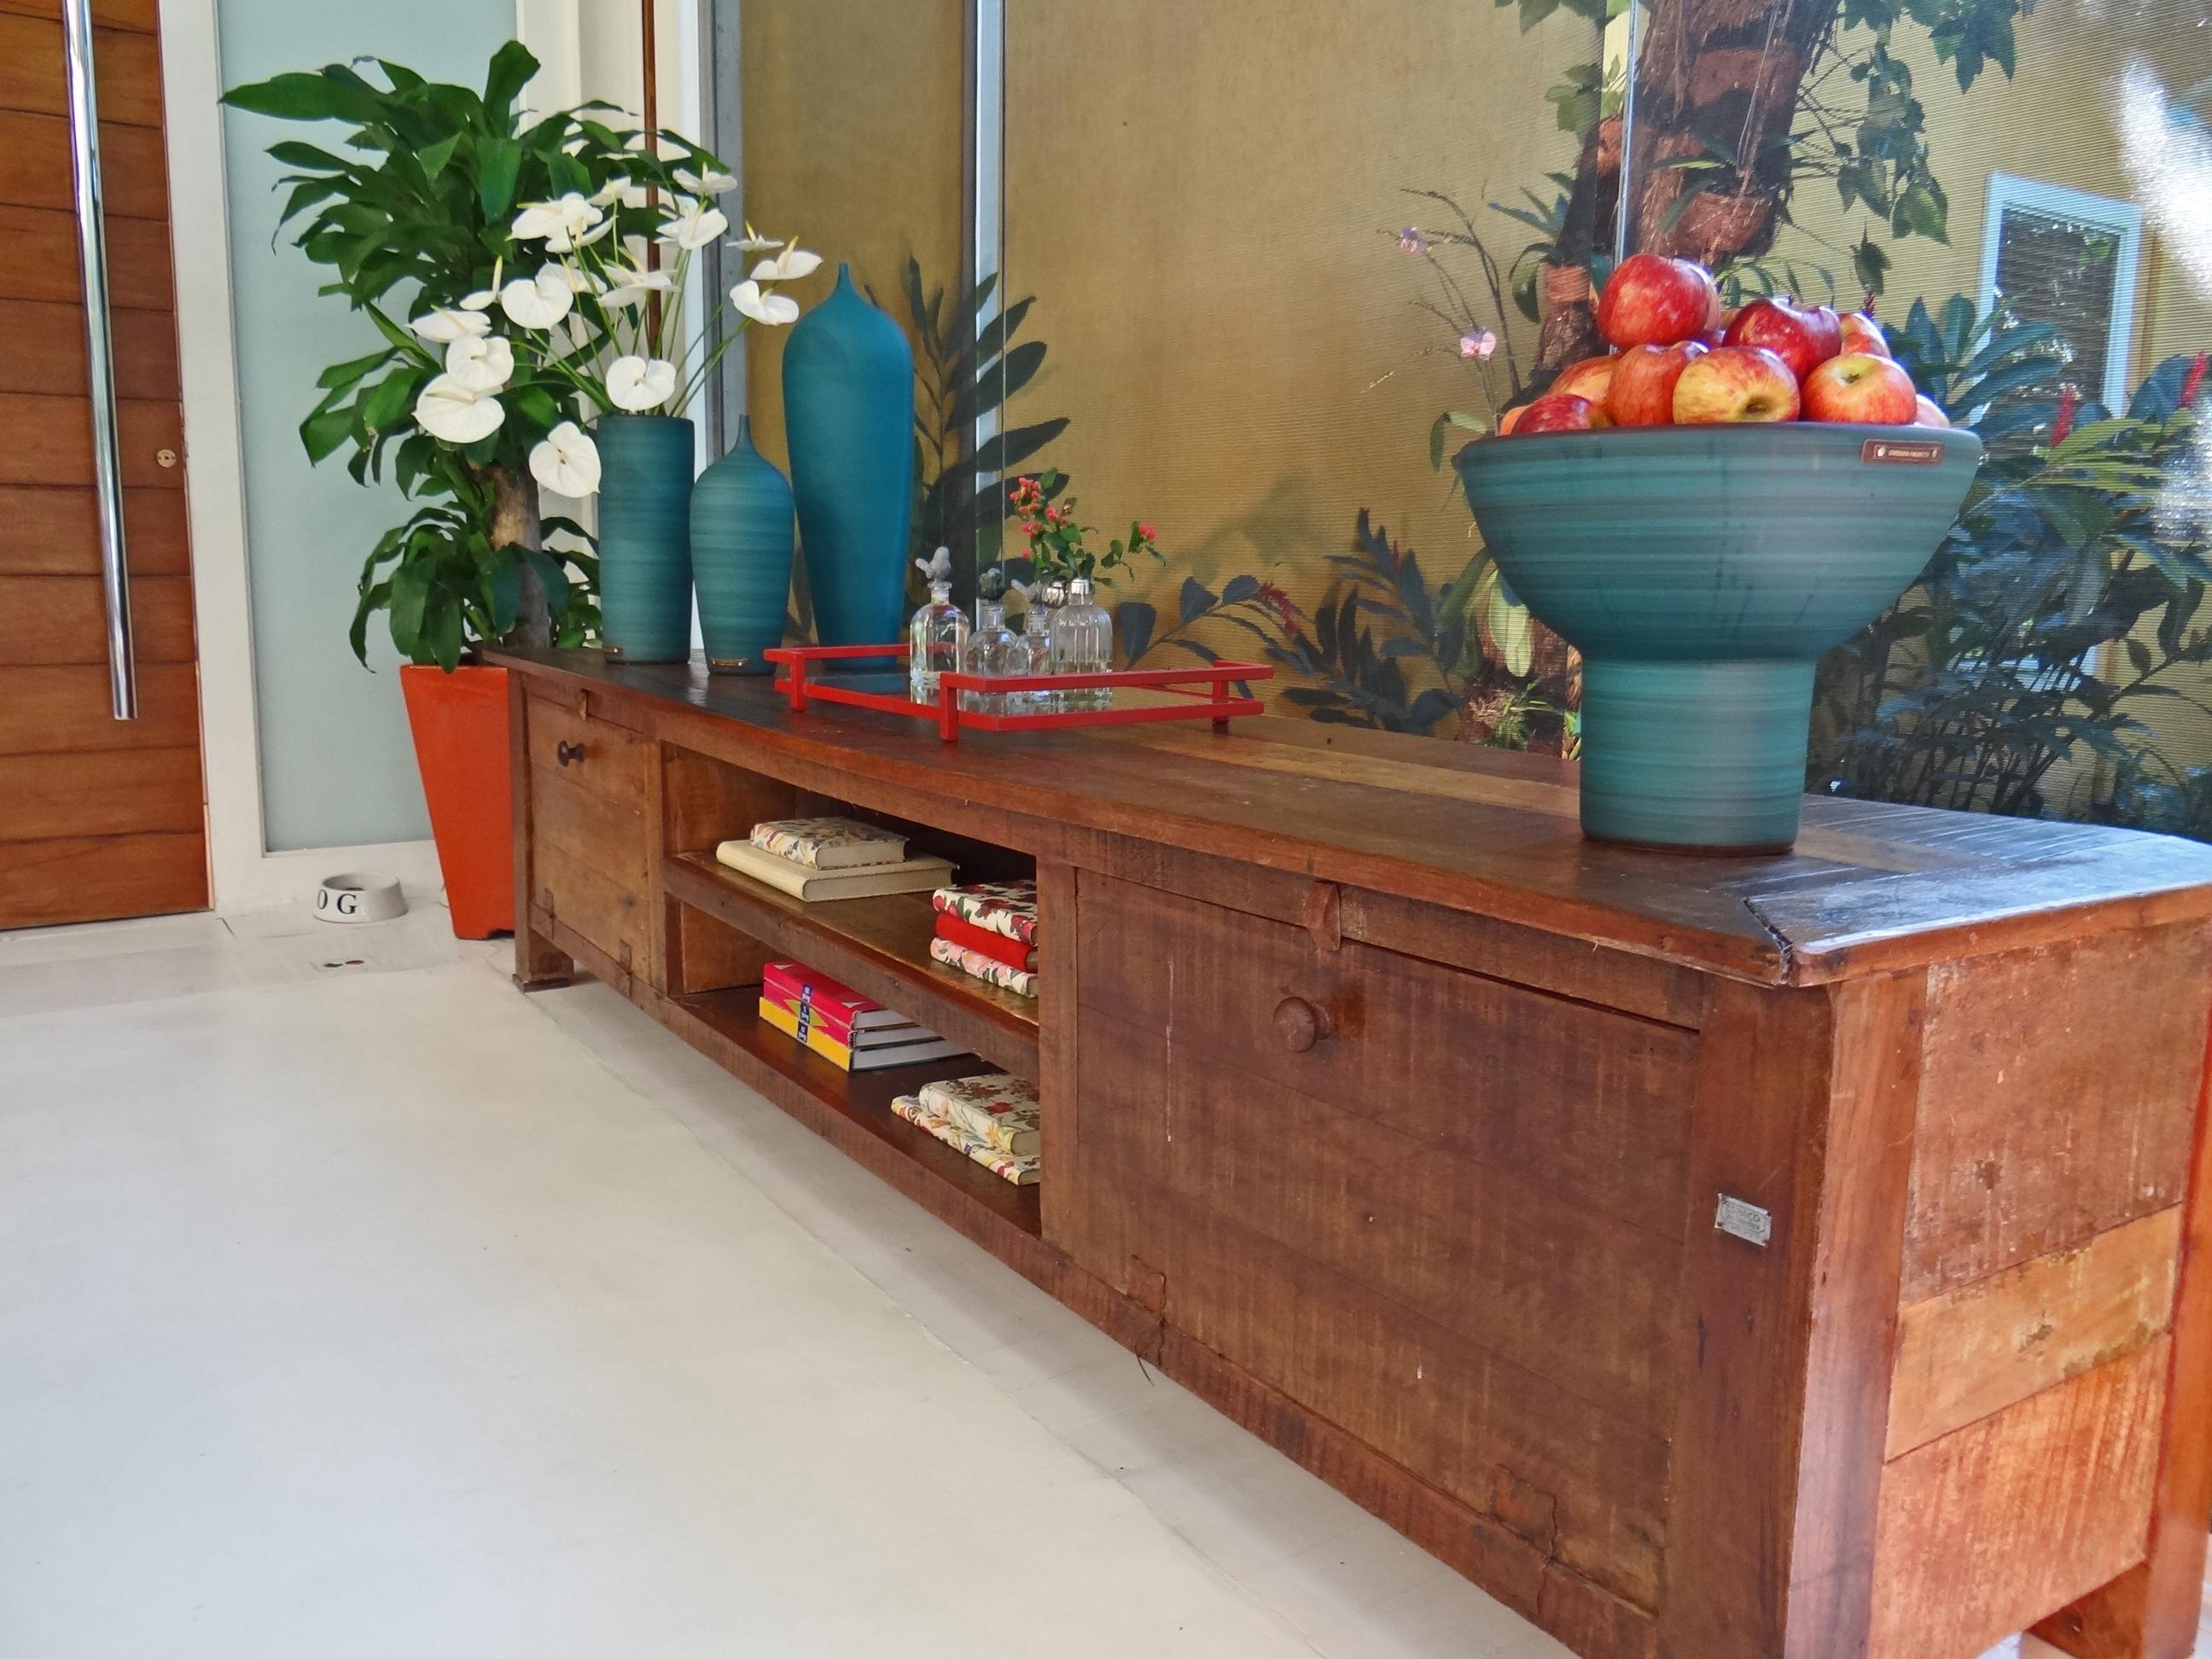 próximo da mesa de café da manhã essa bancada de madeira de  #965435 2592x1944